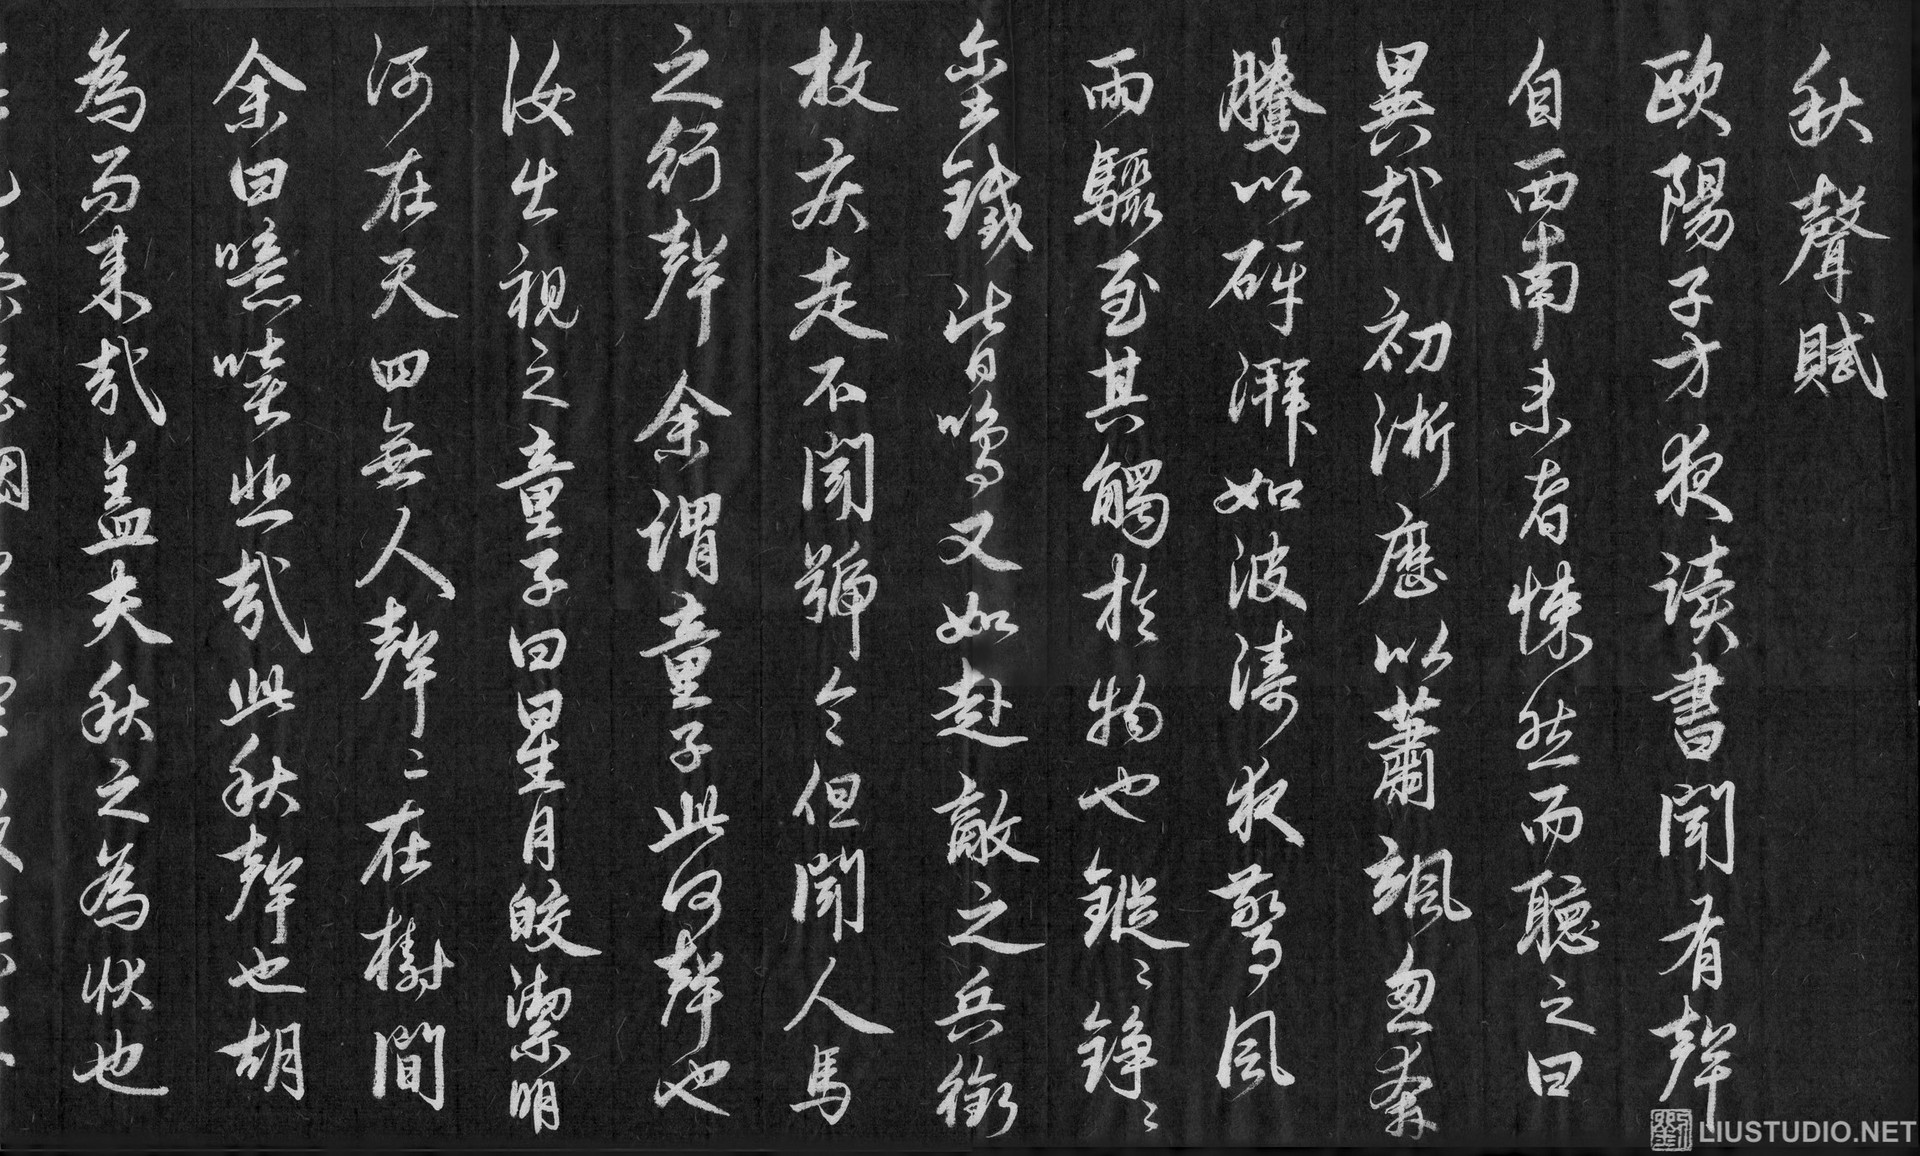 临赵孟頫《秋声赋》 局部-1